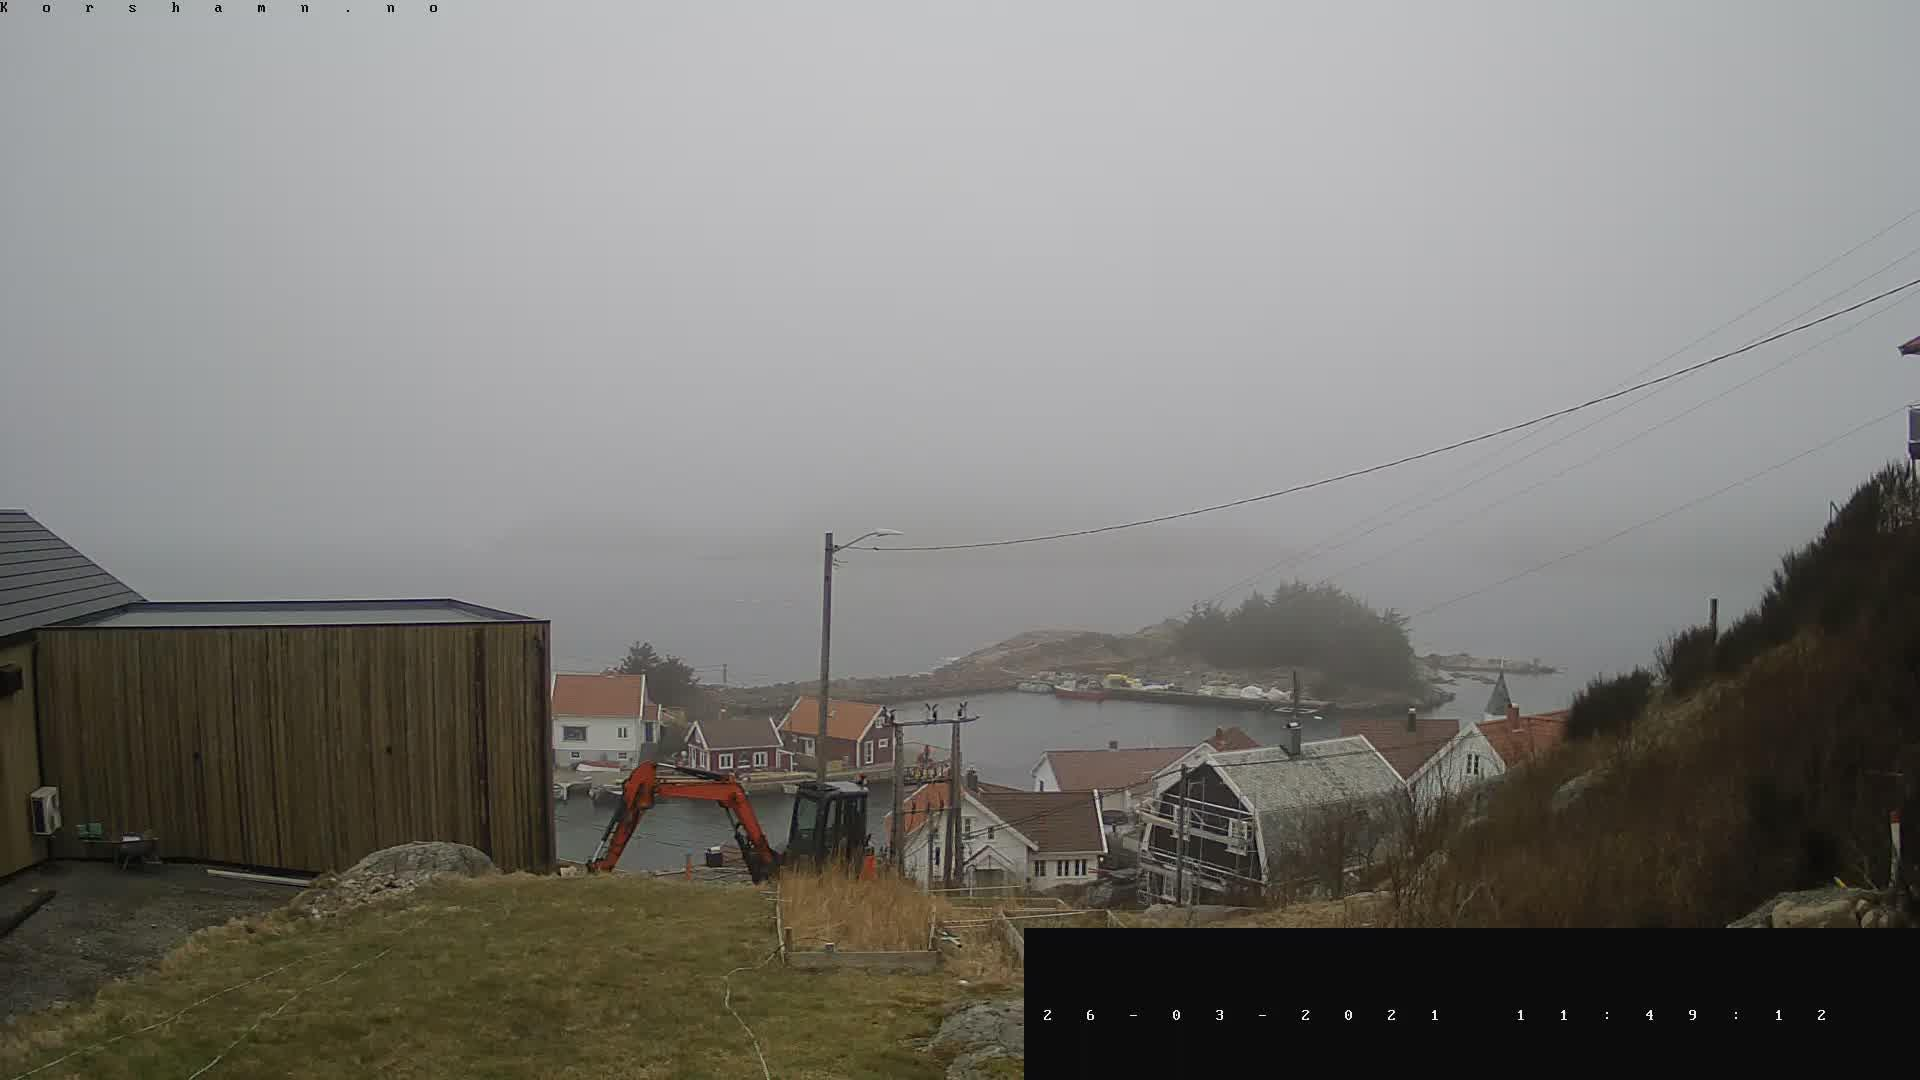 Webcam Korshavn: Korshamn − Live